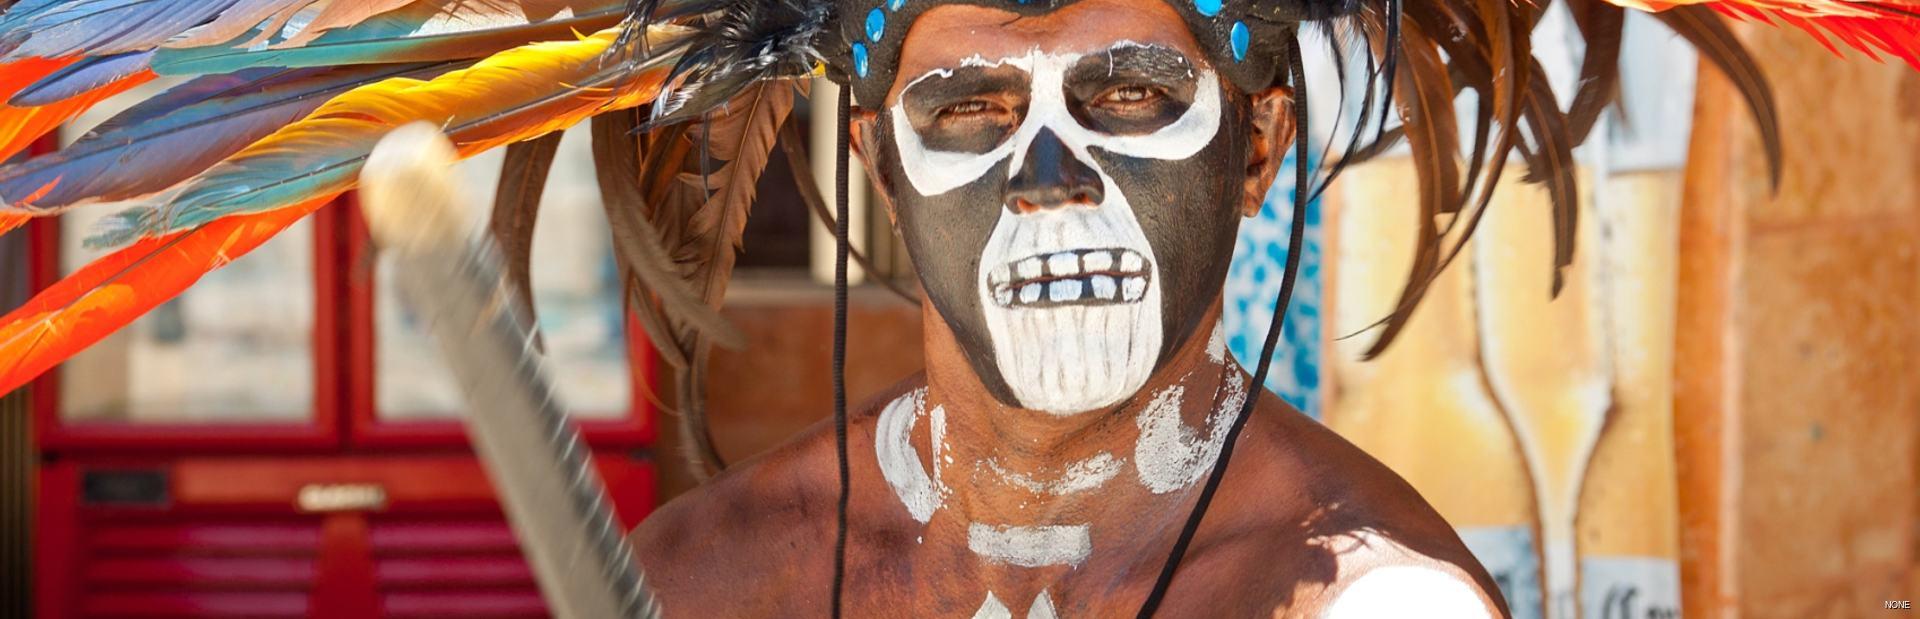 Mexico photo tour